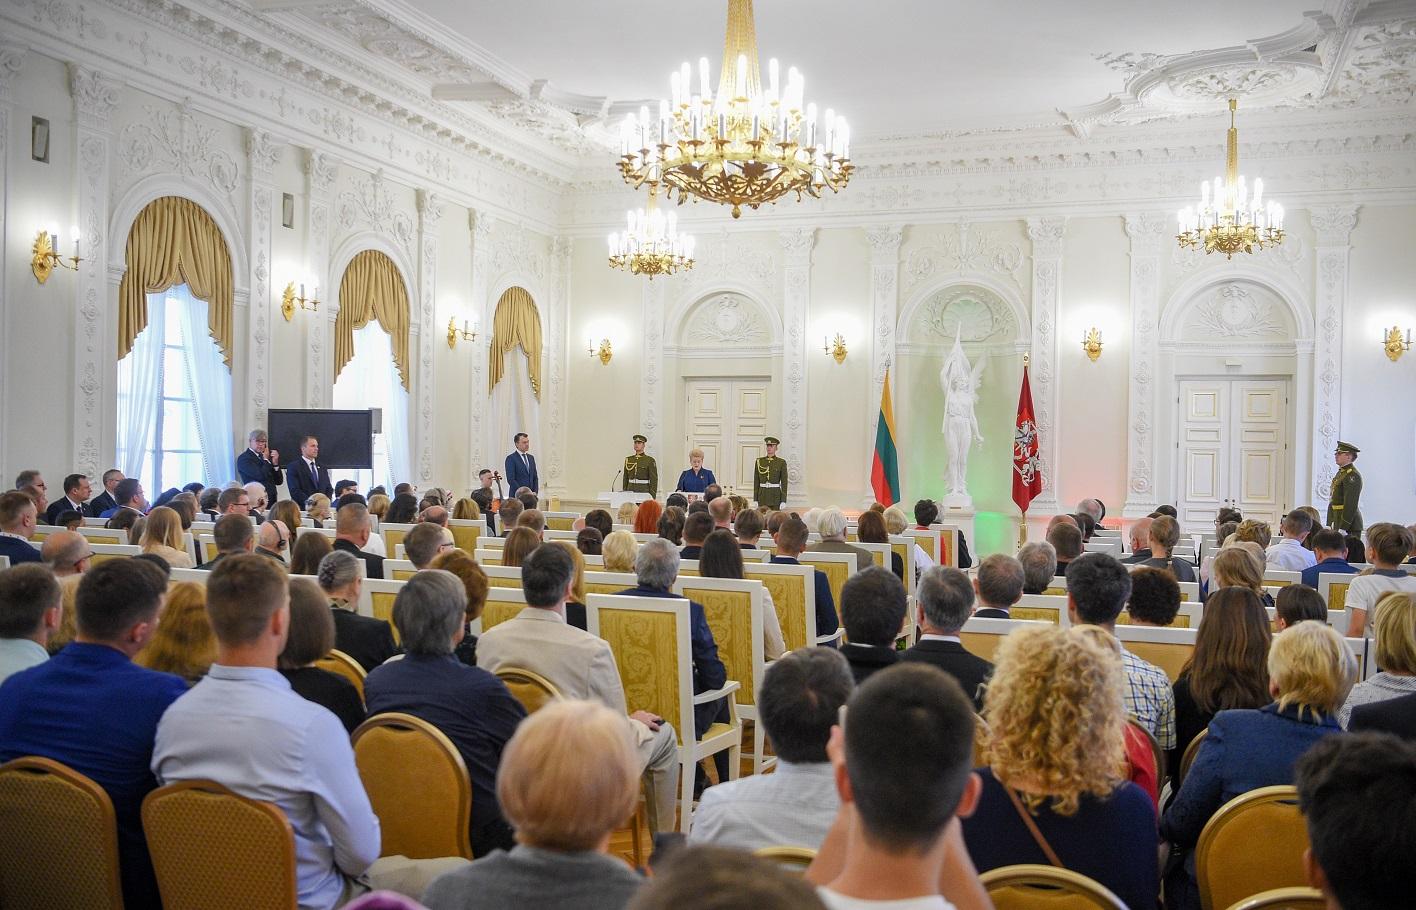 Valstybės dieną prezidentūroje įteikiami apdovanojimai | lrp.lt nuotr.